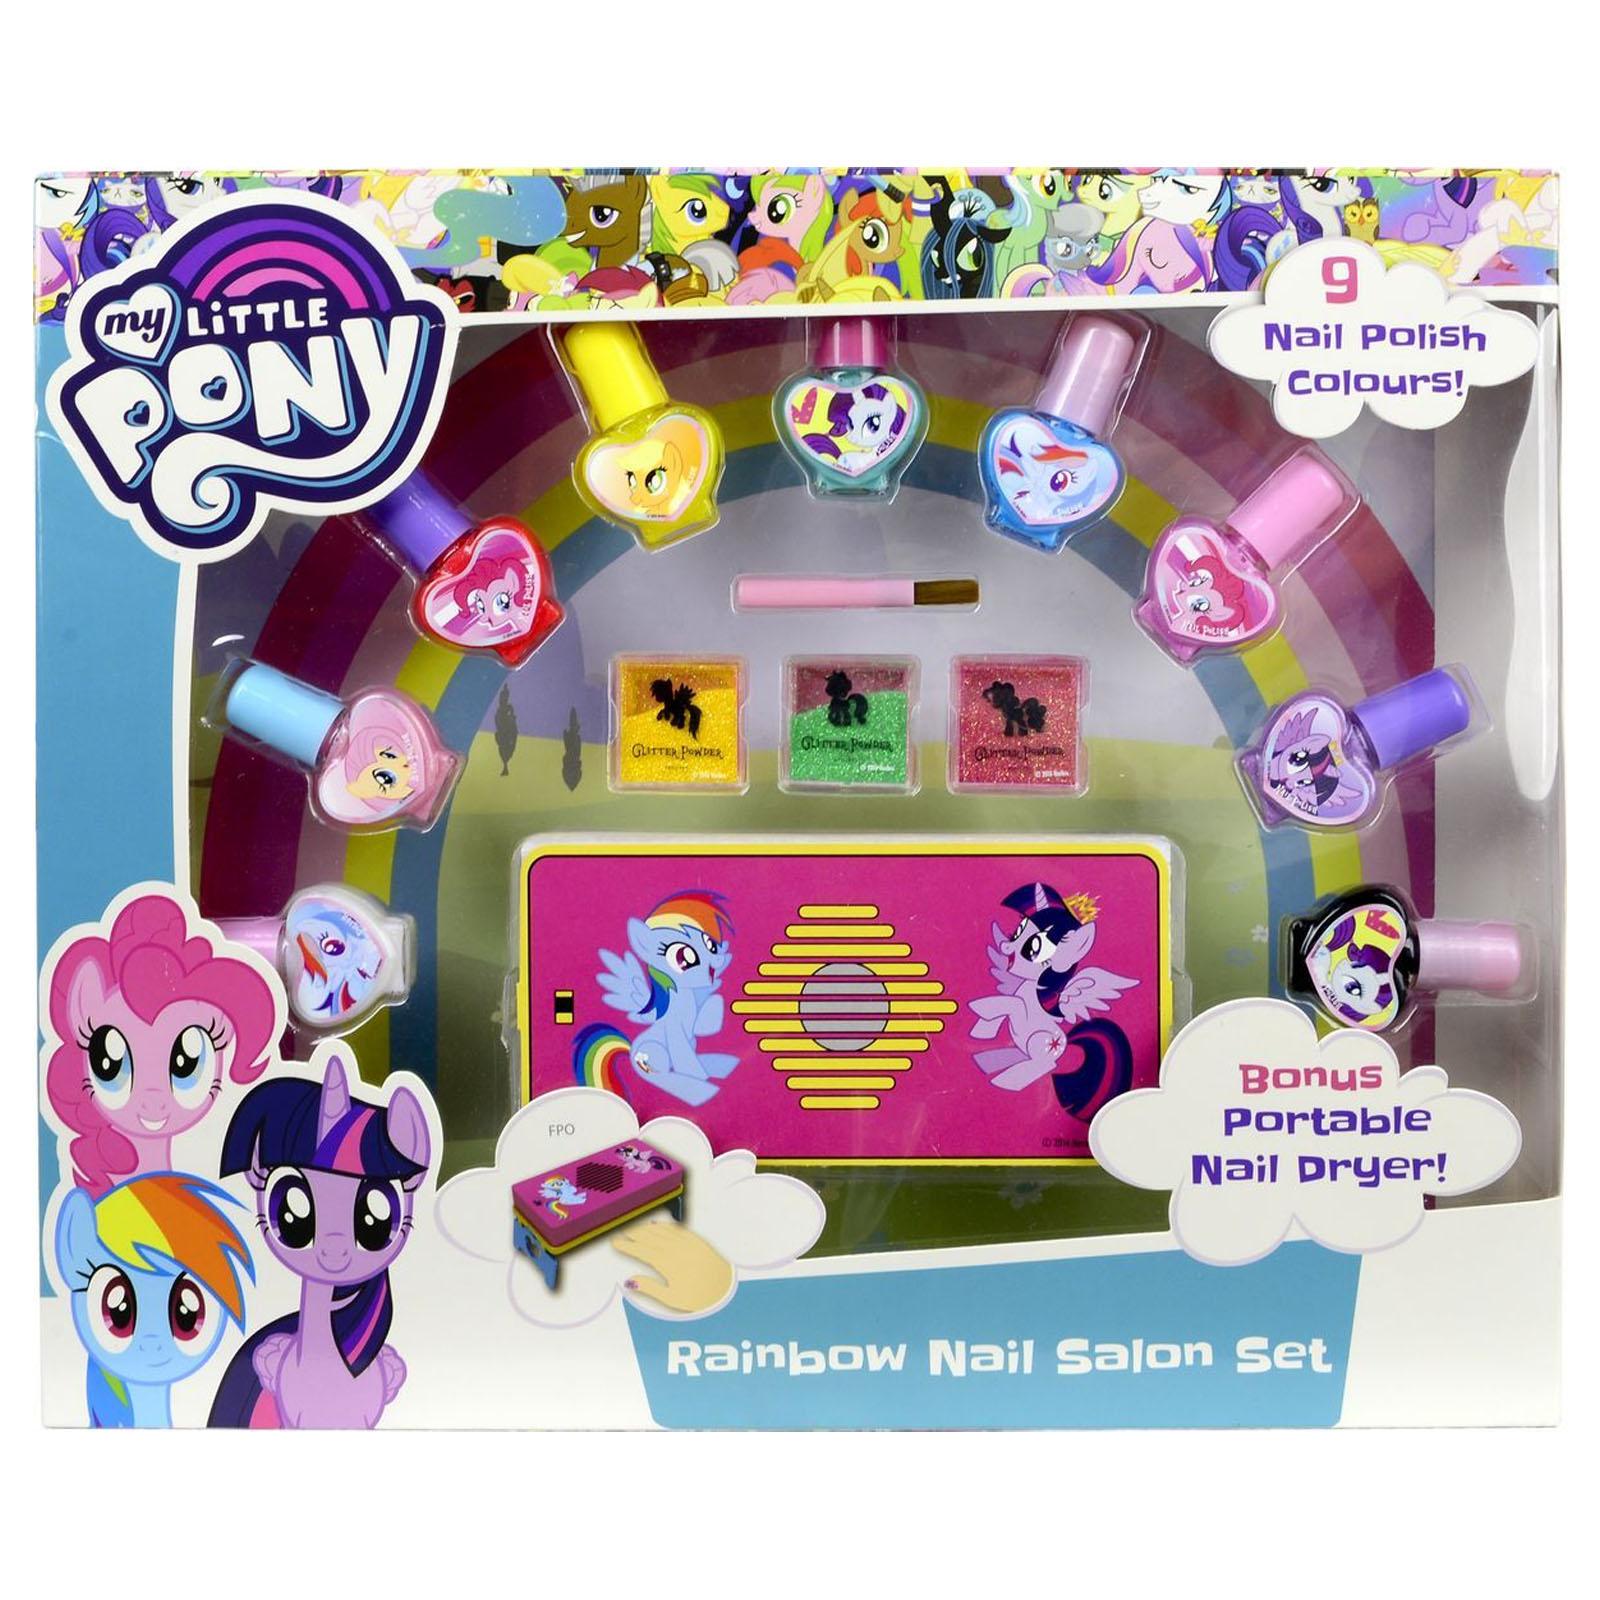 Игровой набор детской декоративной косметики для ногтей из серии My Little PonyДетская косметика Markwins<br>Игровой набор детской декоративной косметики для ногтей из серии My Little Pony<br>